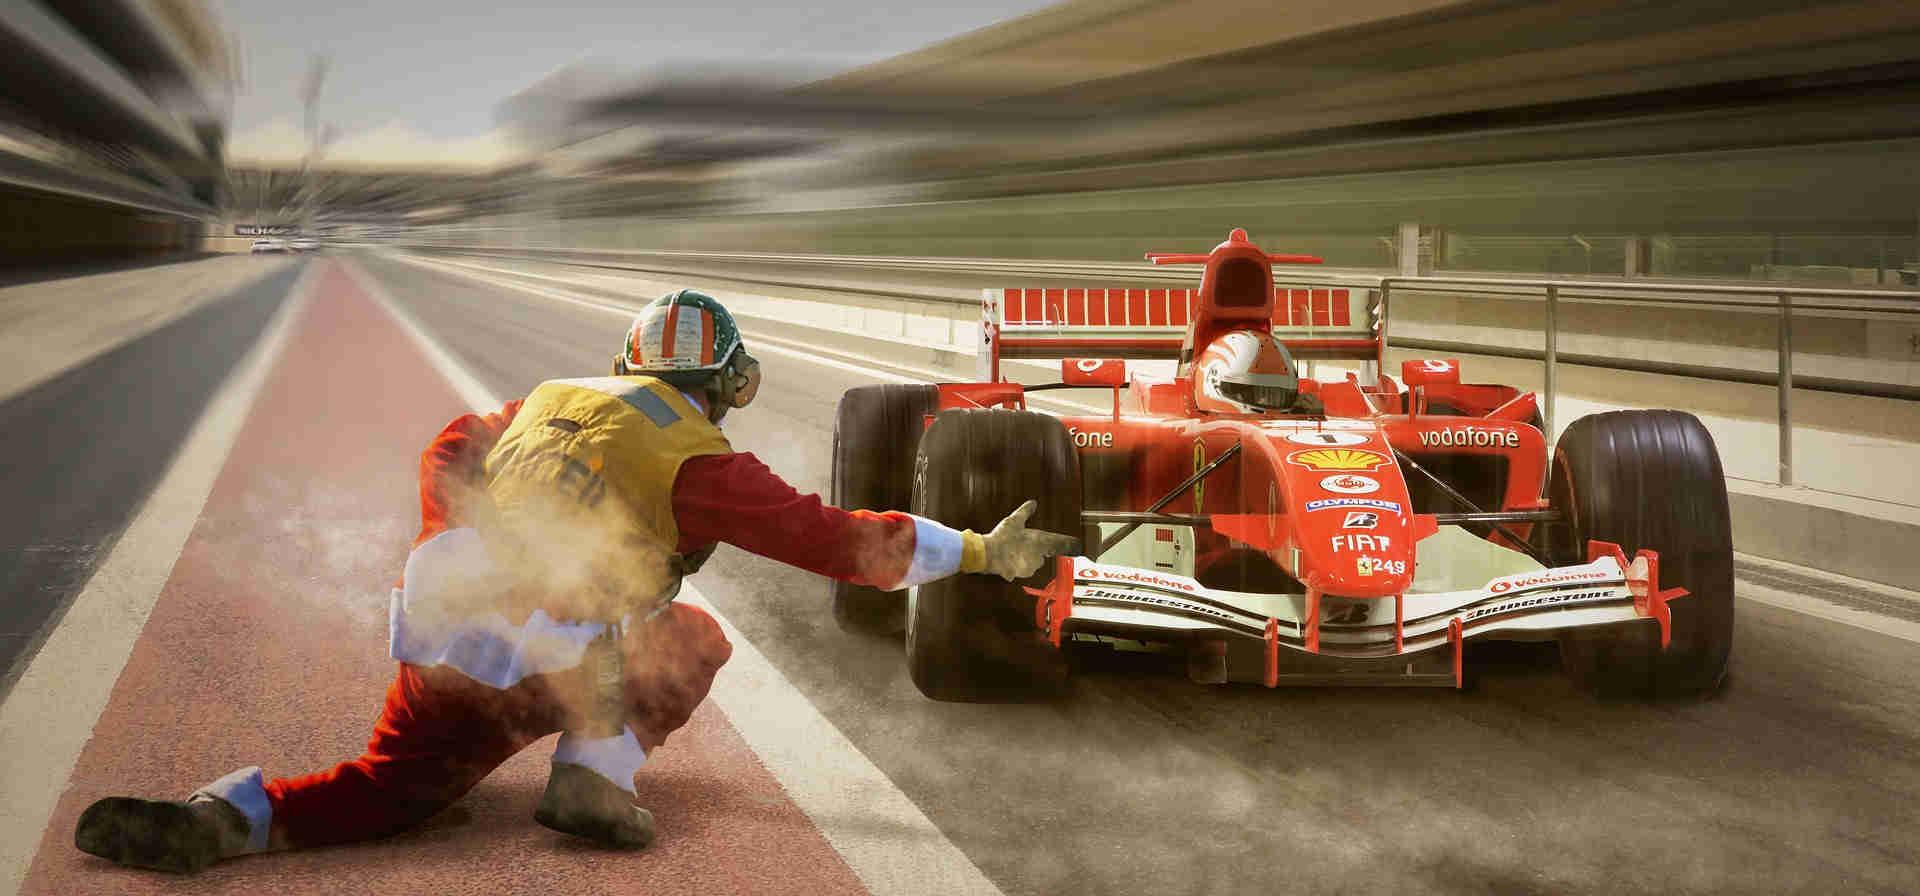 Fórmula 1 e monitoramento de TI: lições para levar sua TI ao pódio